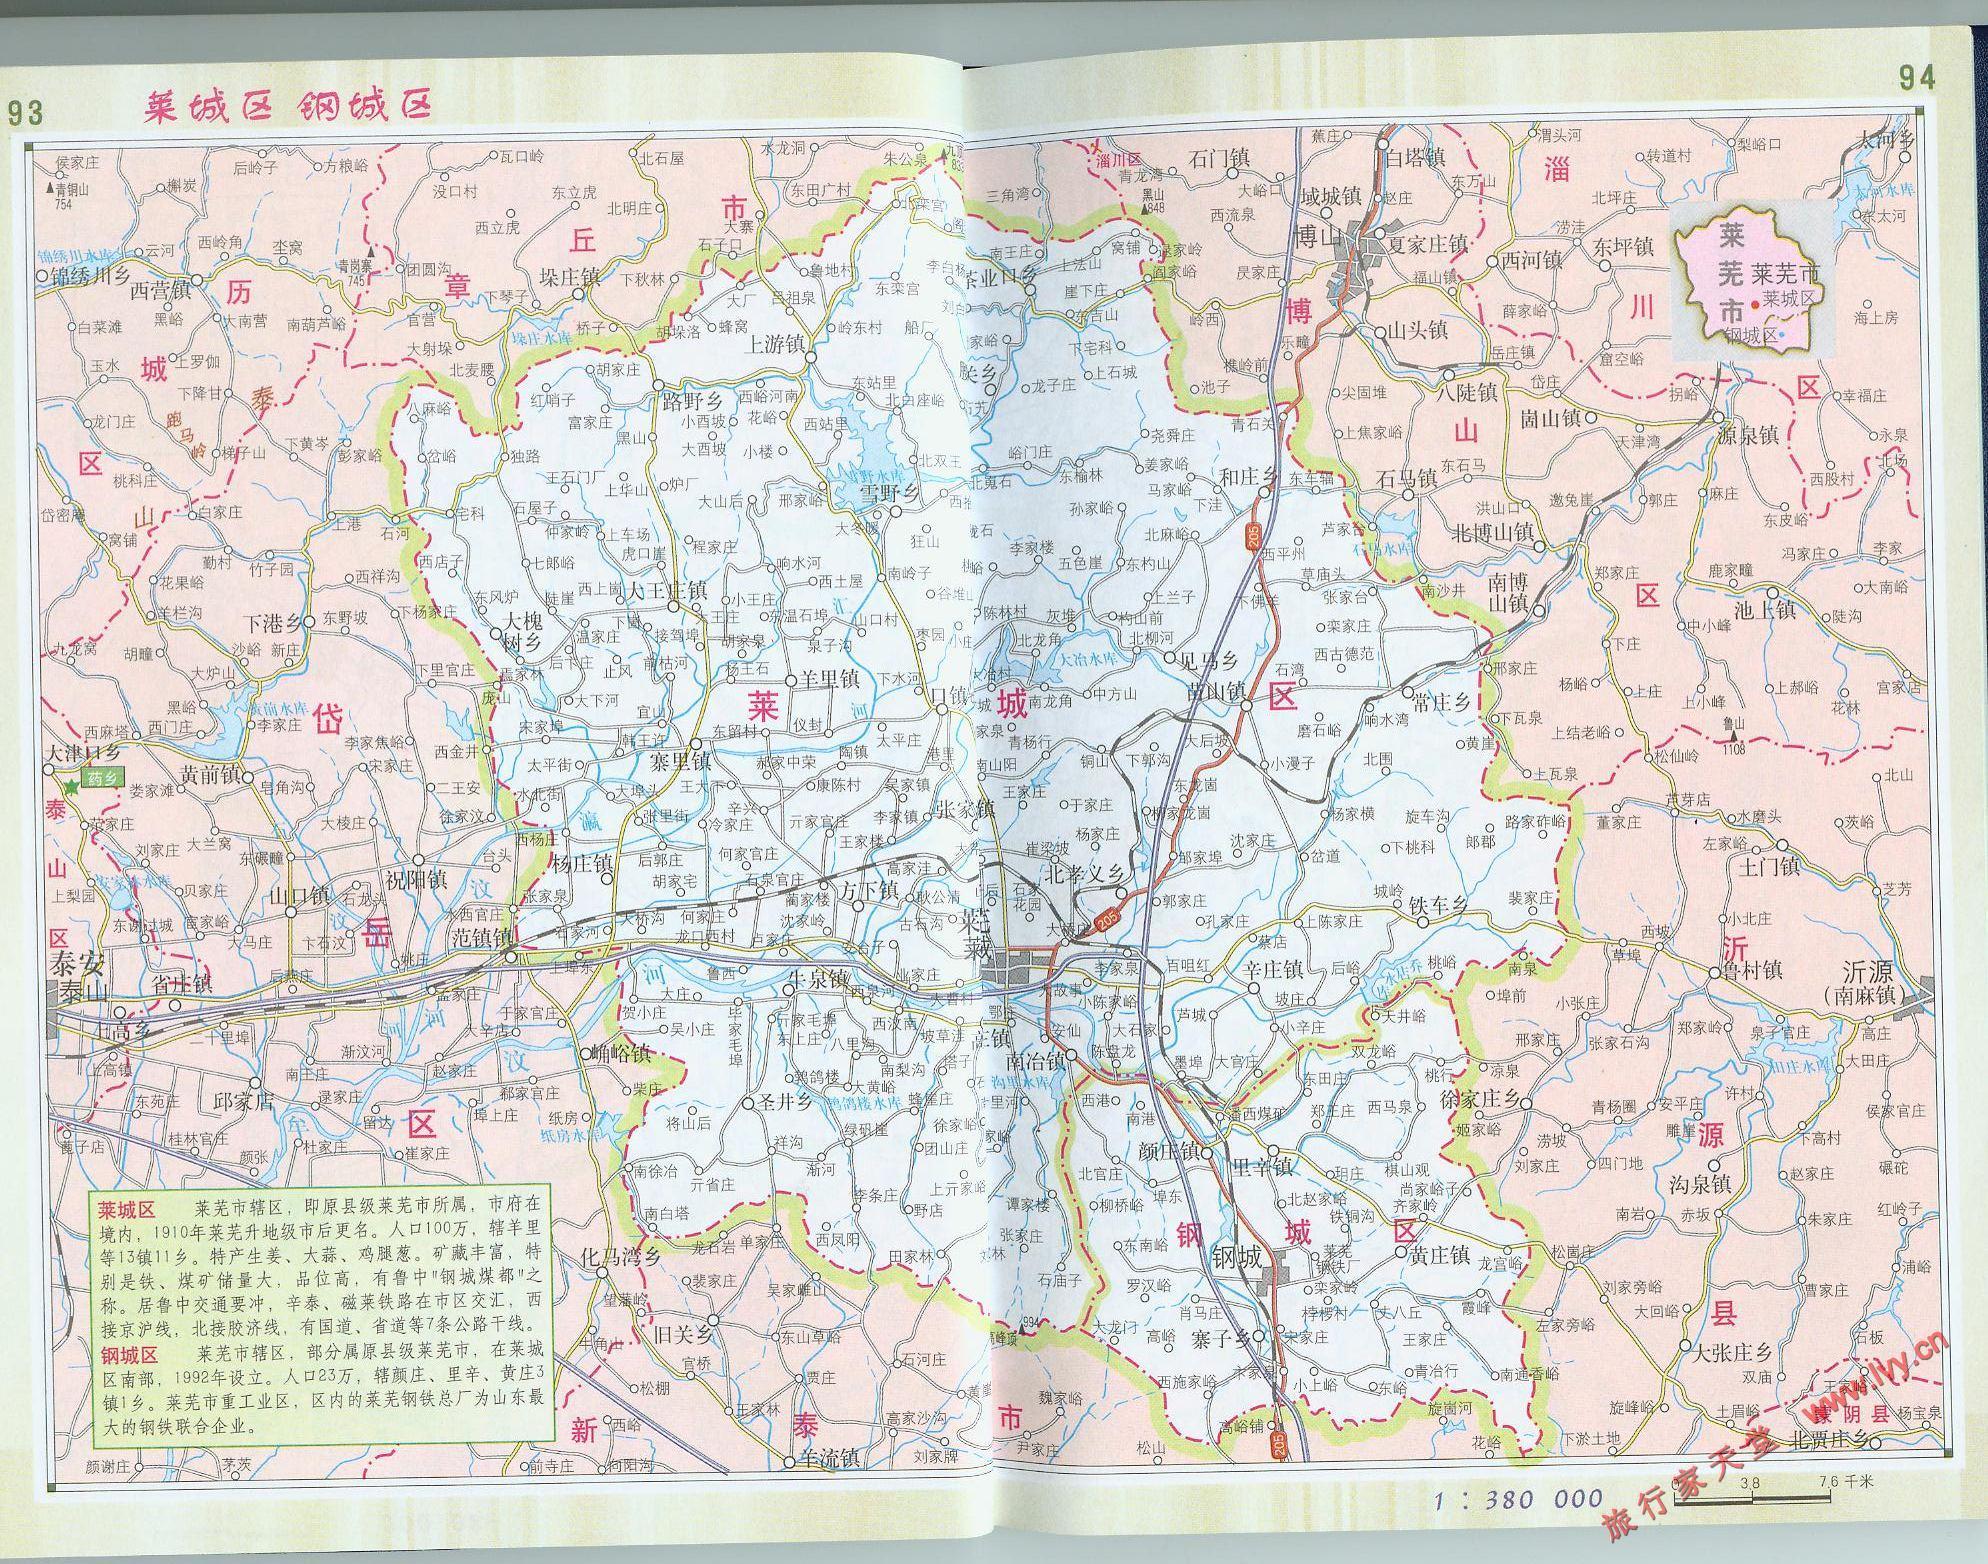 莱芜市市区地图 莱芜市区地图